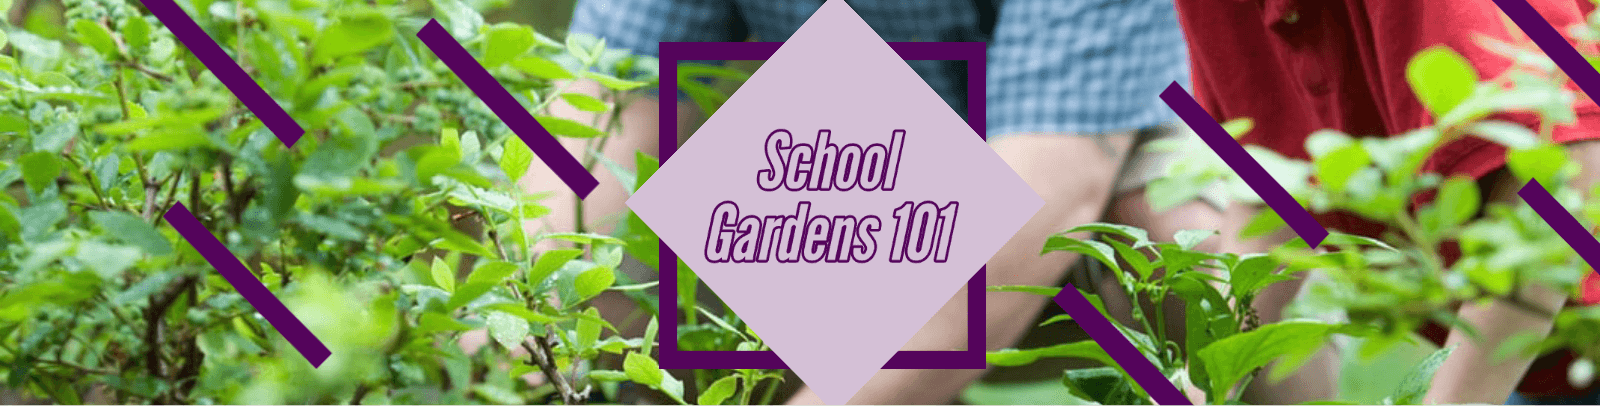 school gardens website.png